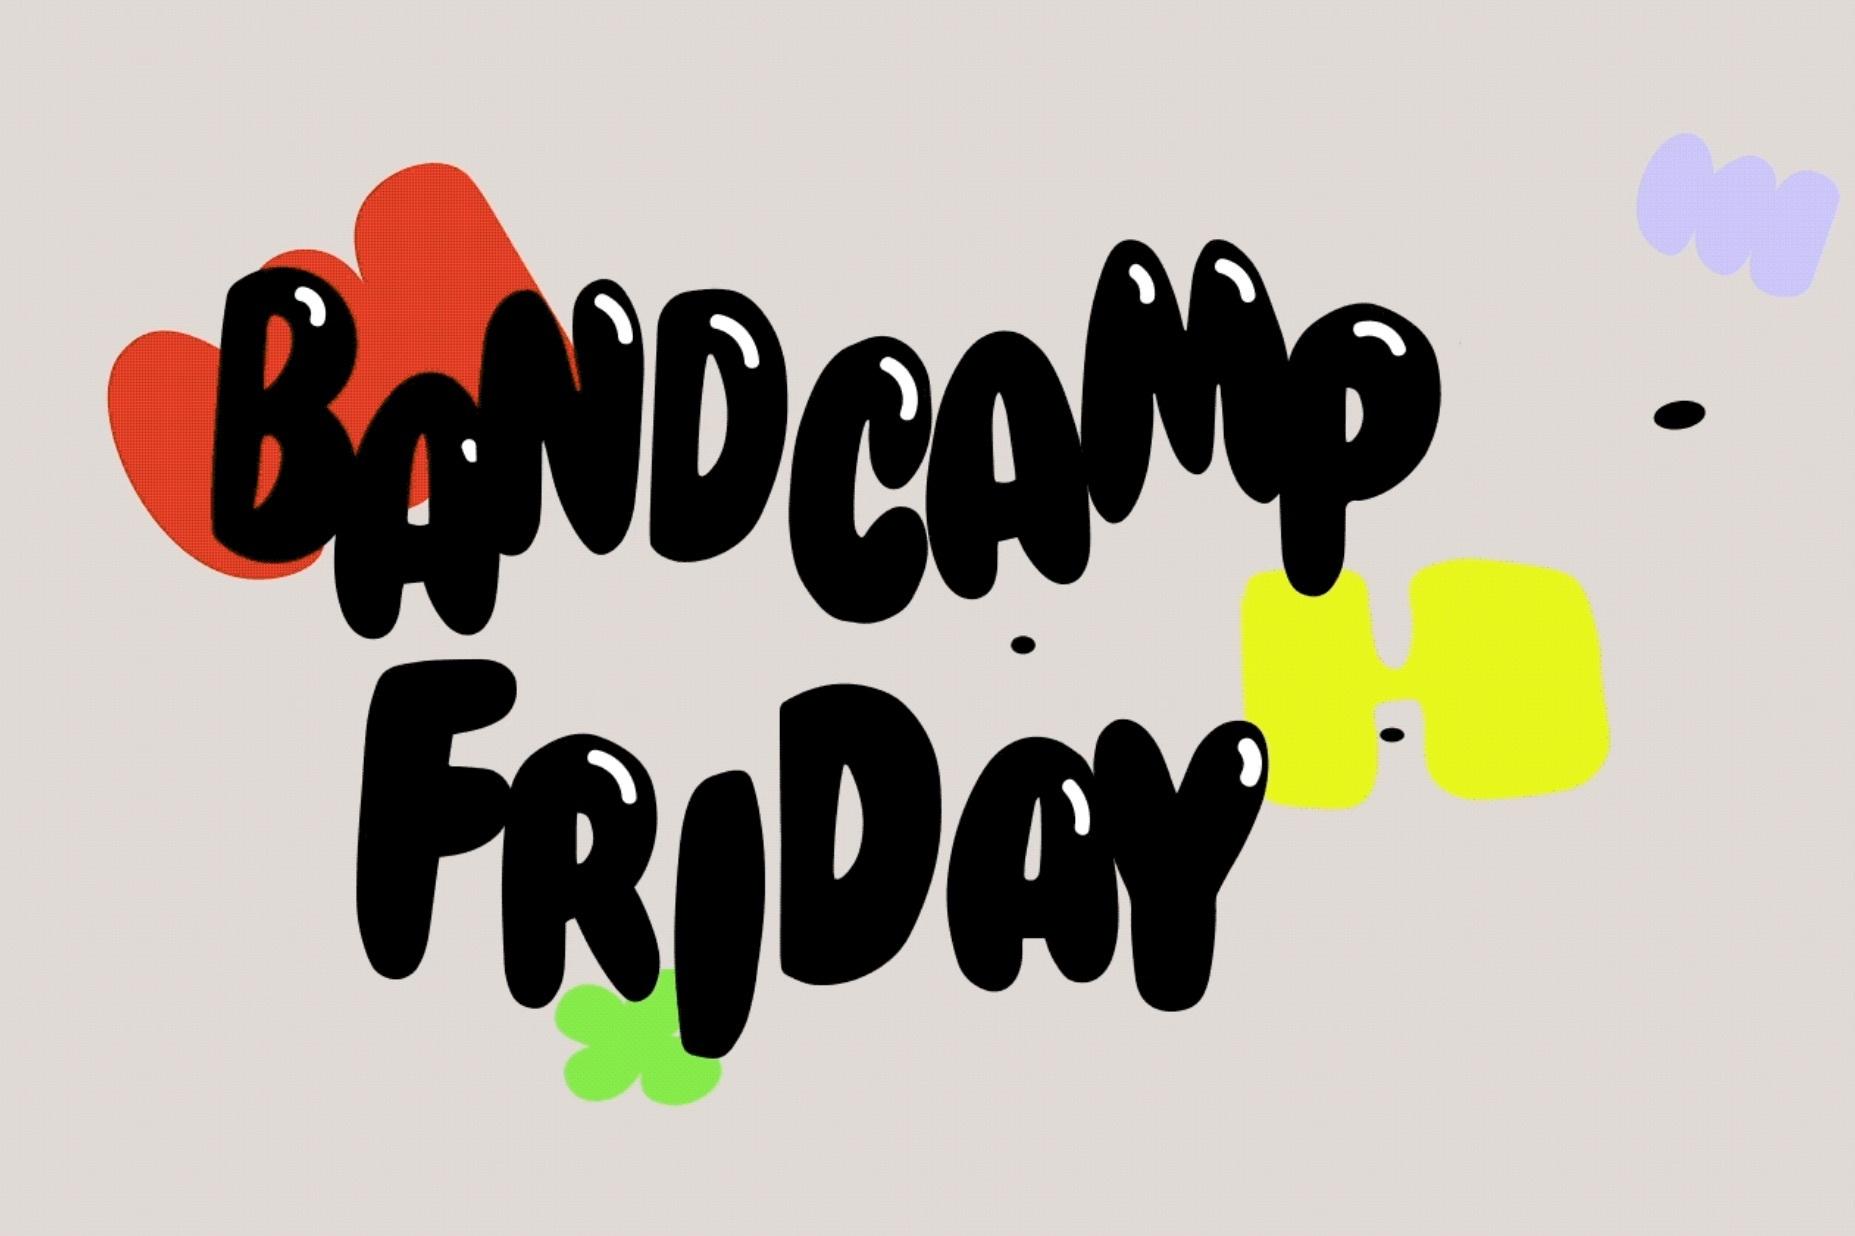 Bandcampが売上の手数料をアーティストに全額還元するキャンペーンを今月以降も引き続き年内実施へ_b0233987_21135096.jpg